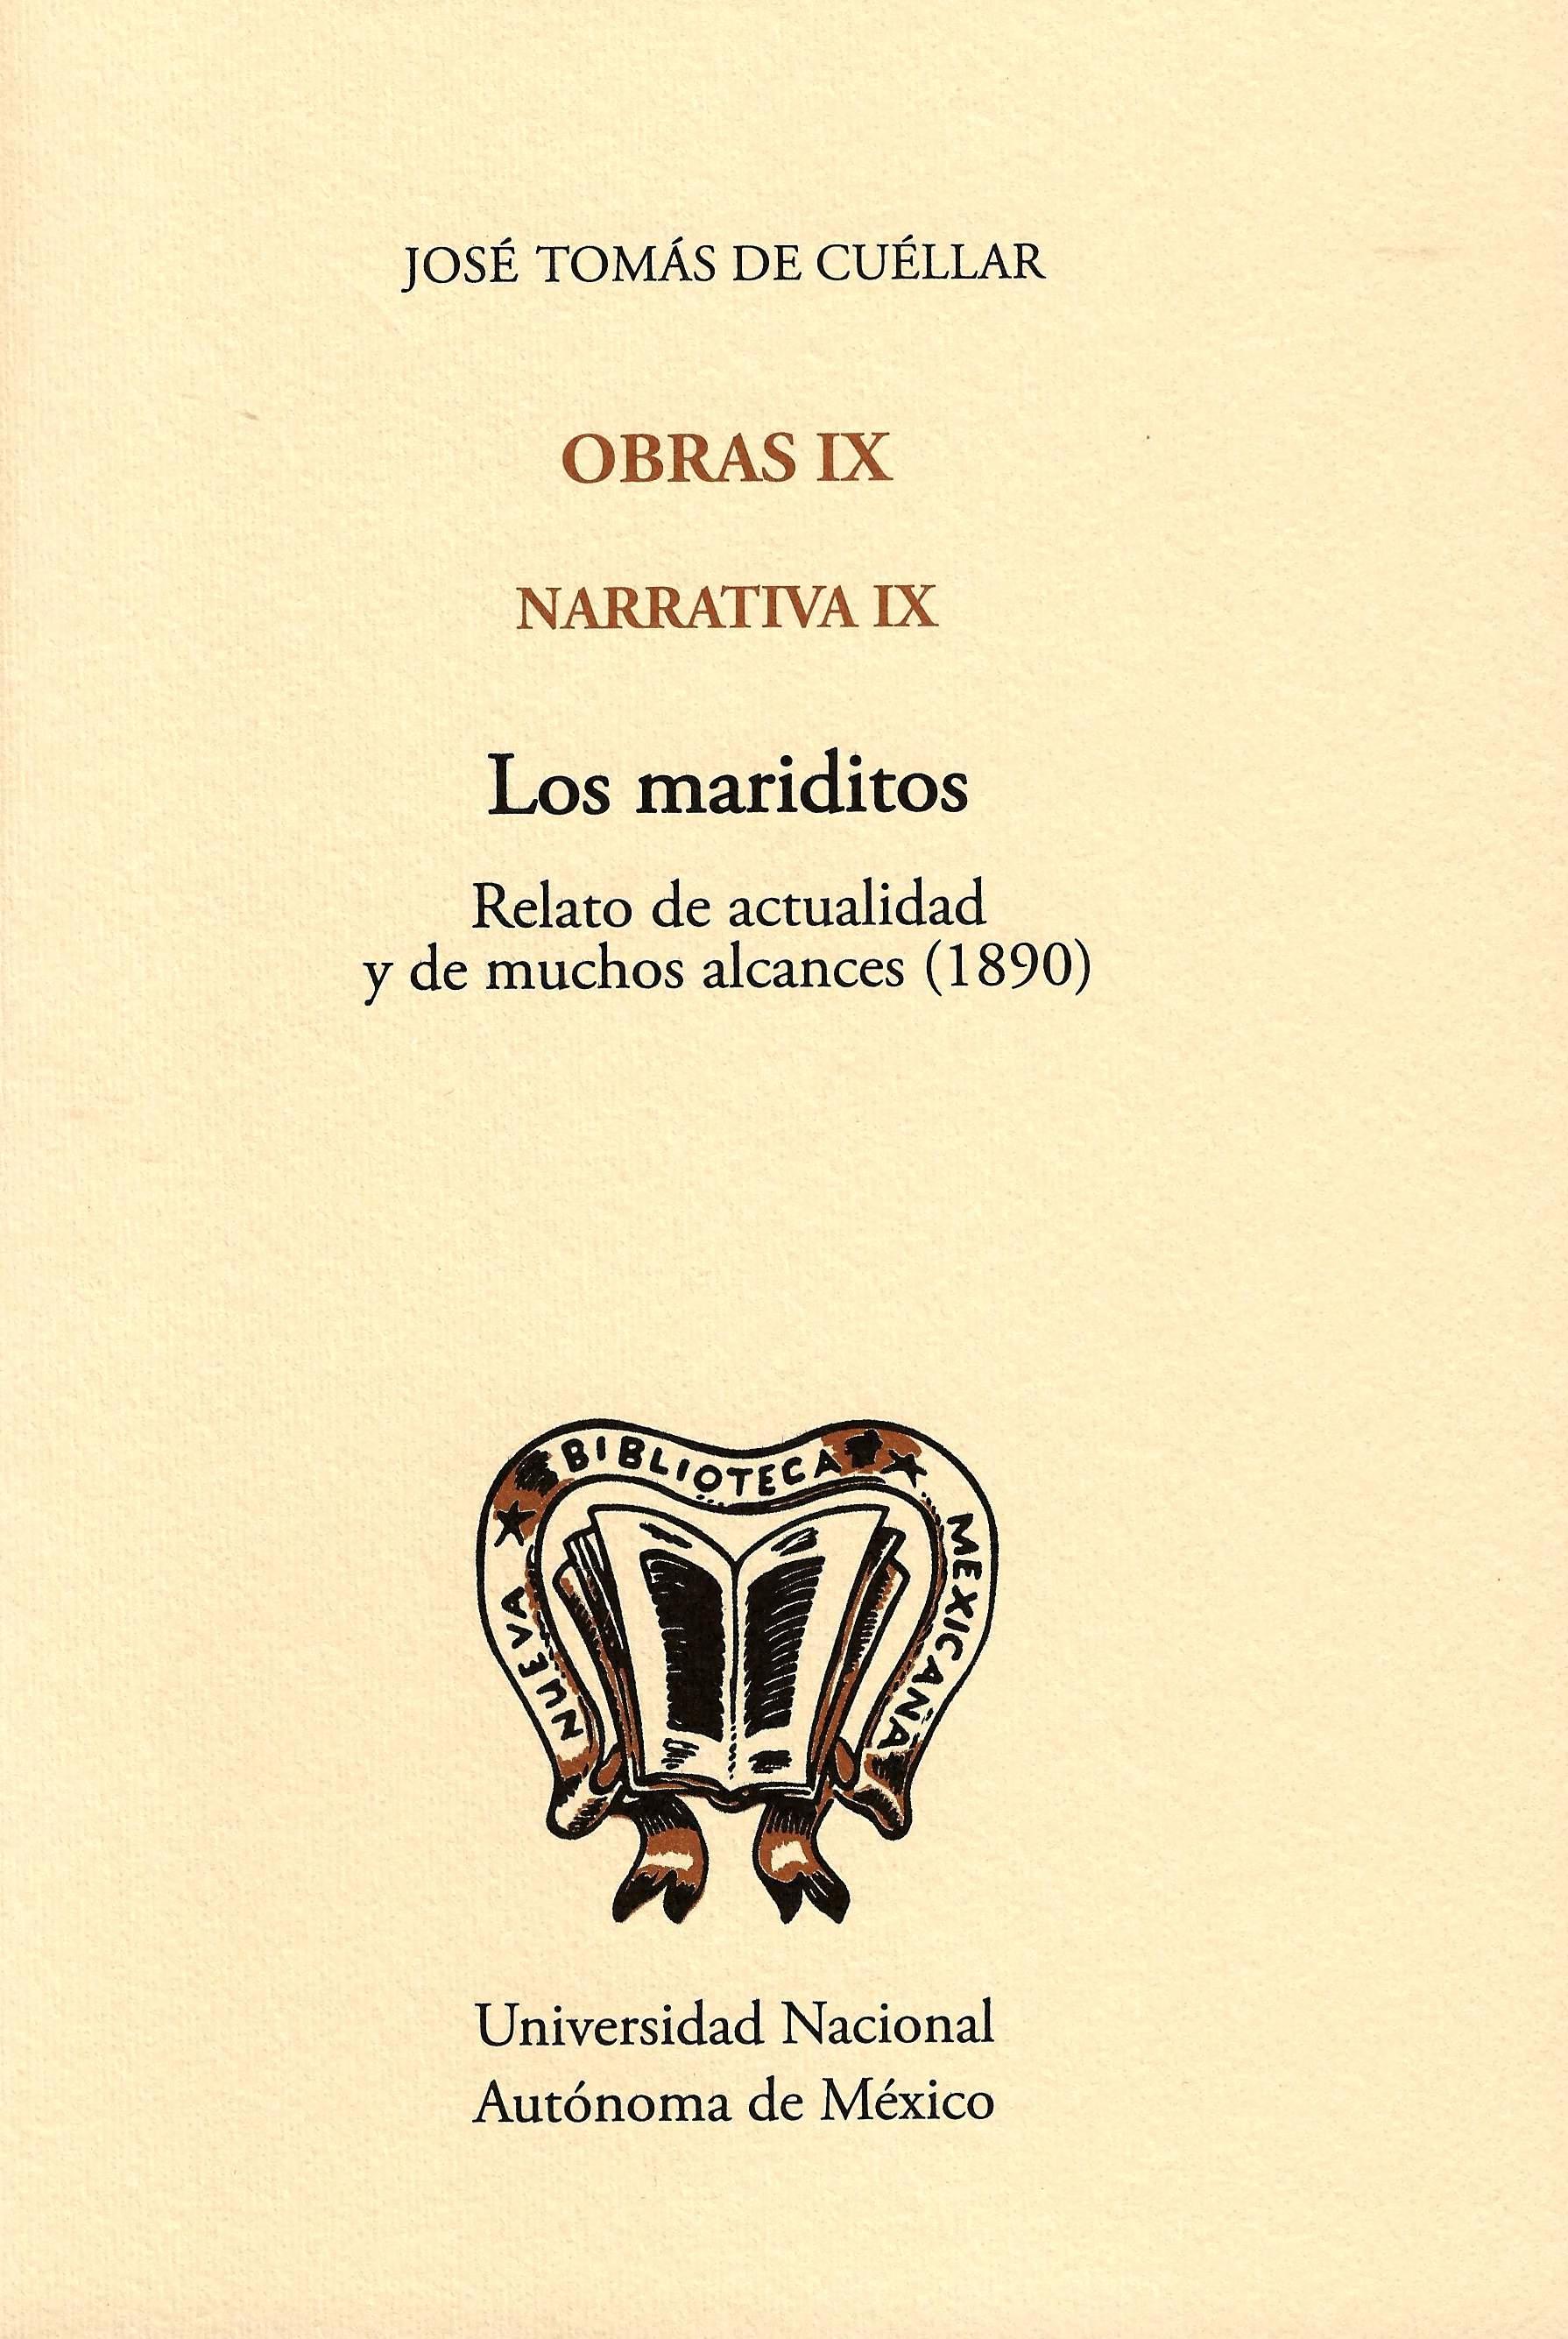 Obras IX. Narrativa IX. Los mariditos. Relatos de actualidad y de muchos alcances (1890)